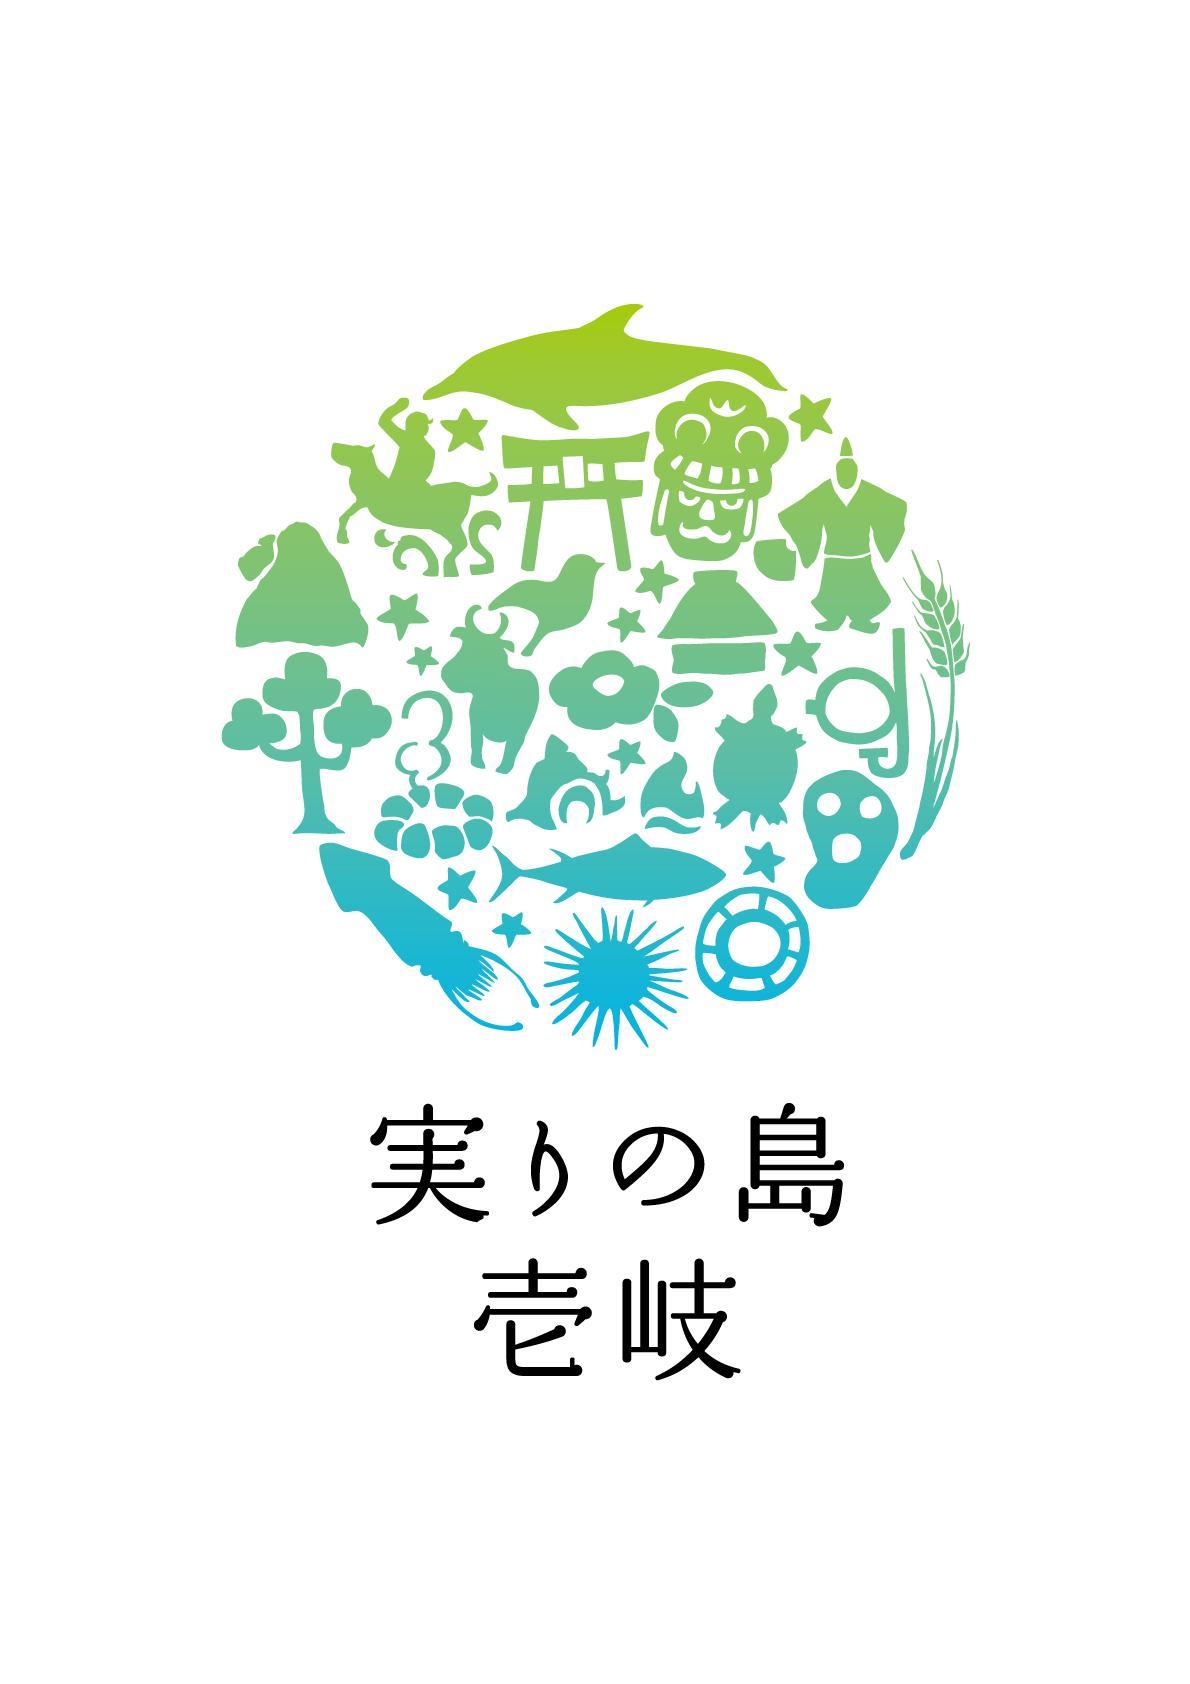 【10月9日 観光案内所臨時休業のお知らせ】-1